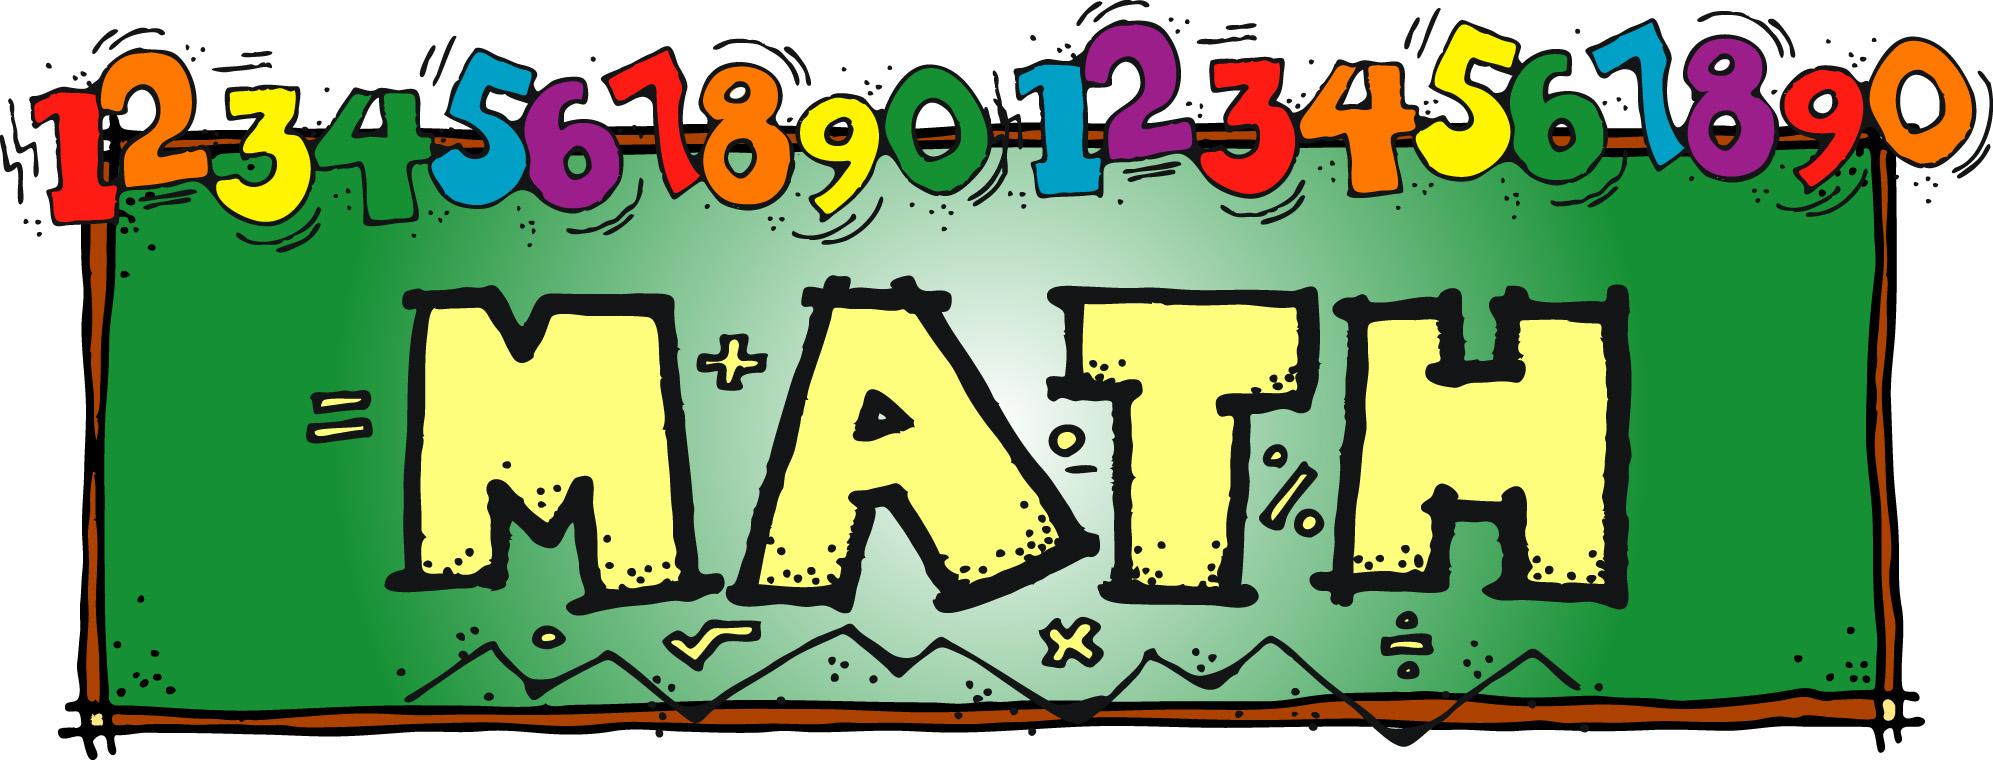 High School Math Clip Art.